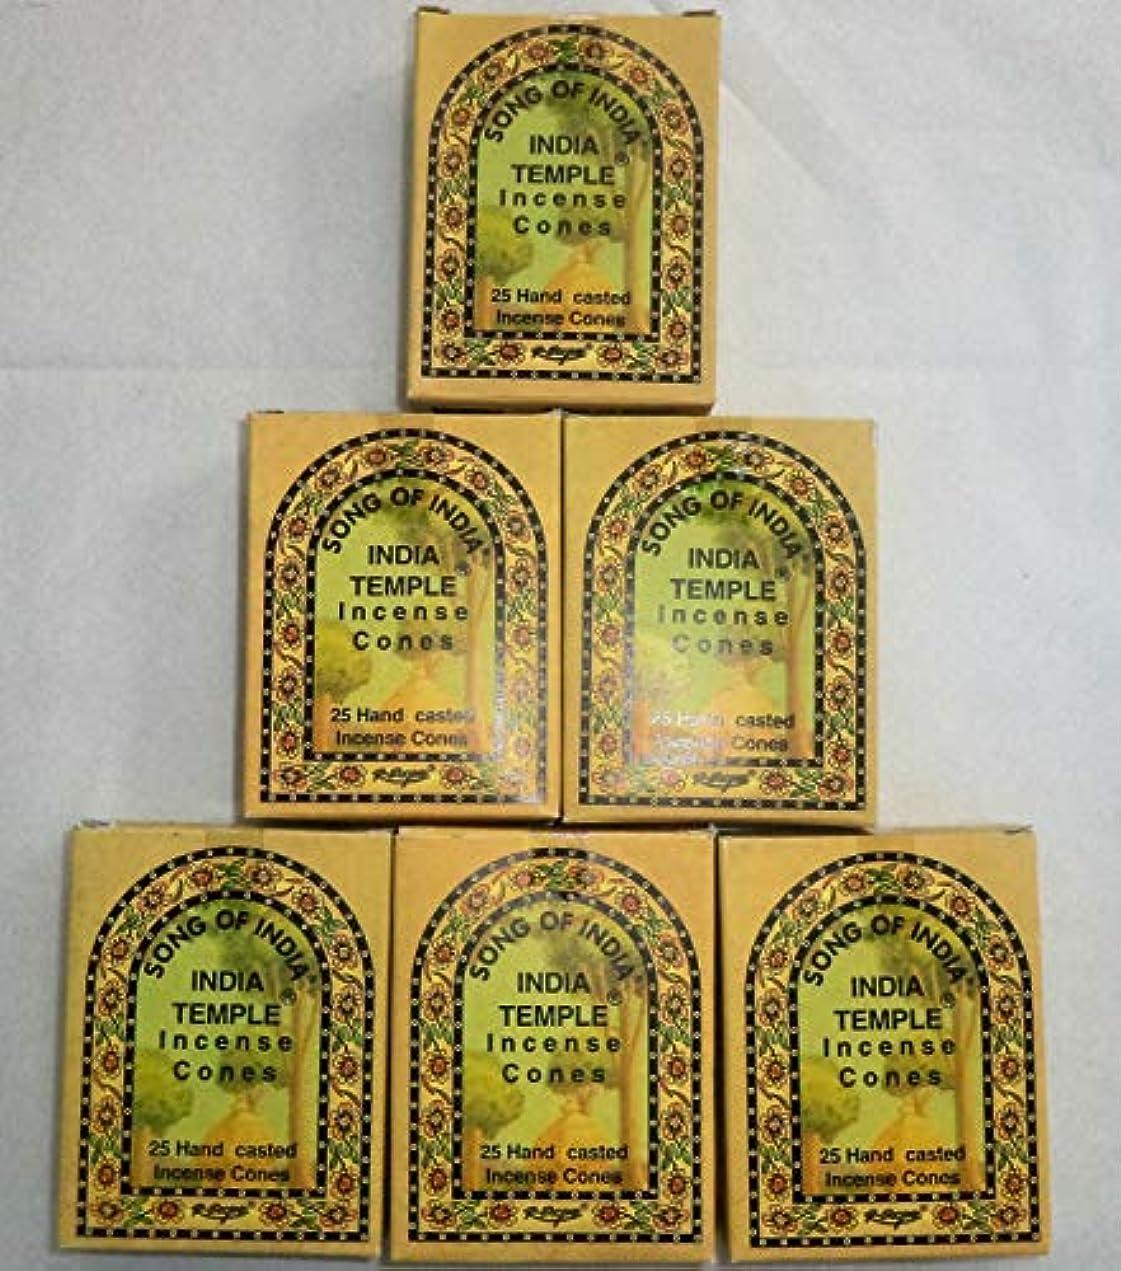 理容室粘り強い定刻Song of India Temple Cone Incense, 6 x 25 Cone Pack, 150 Cones Total